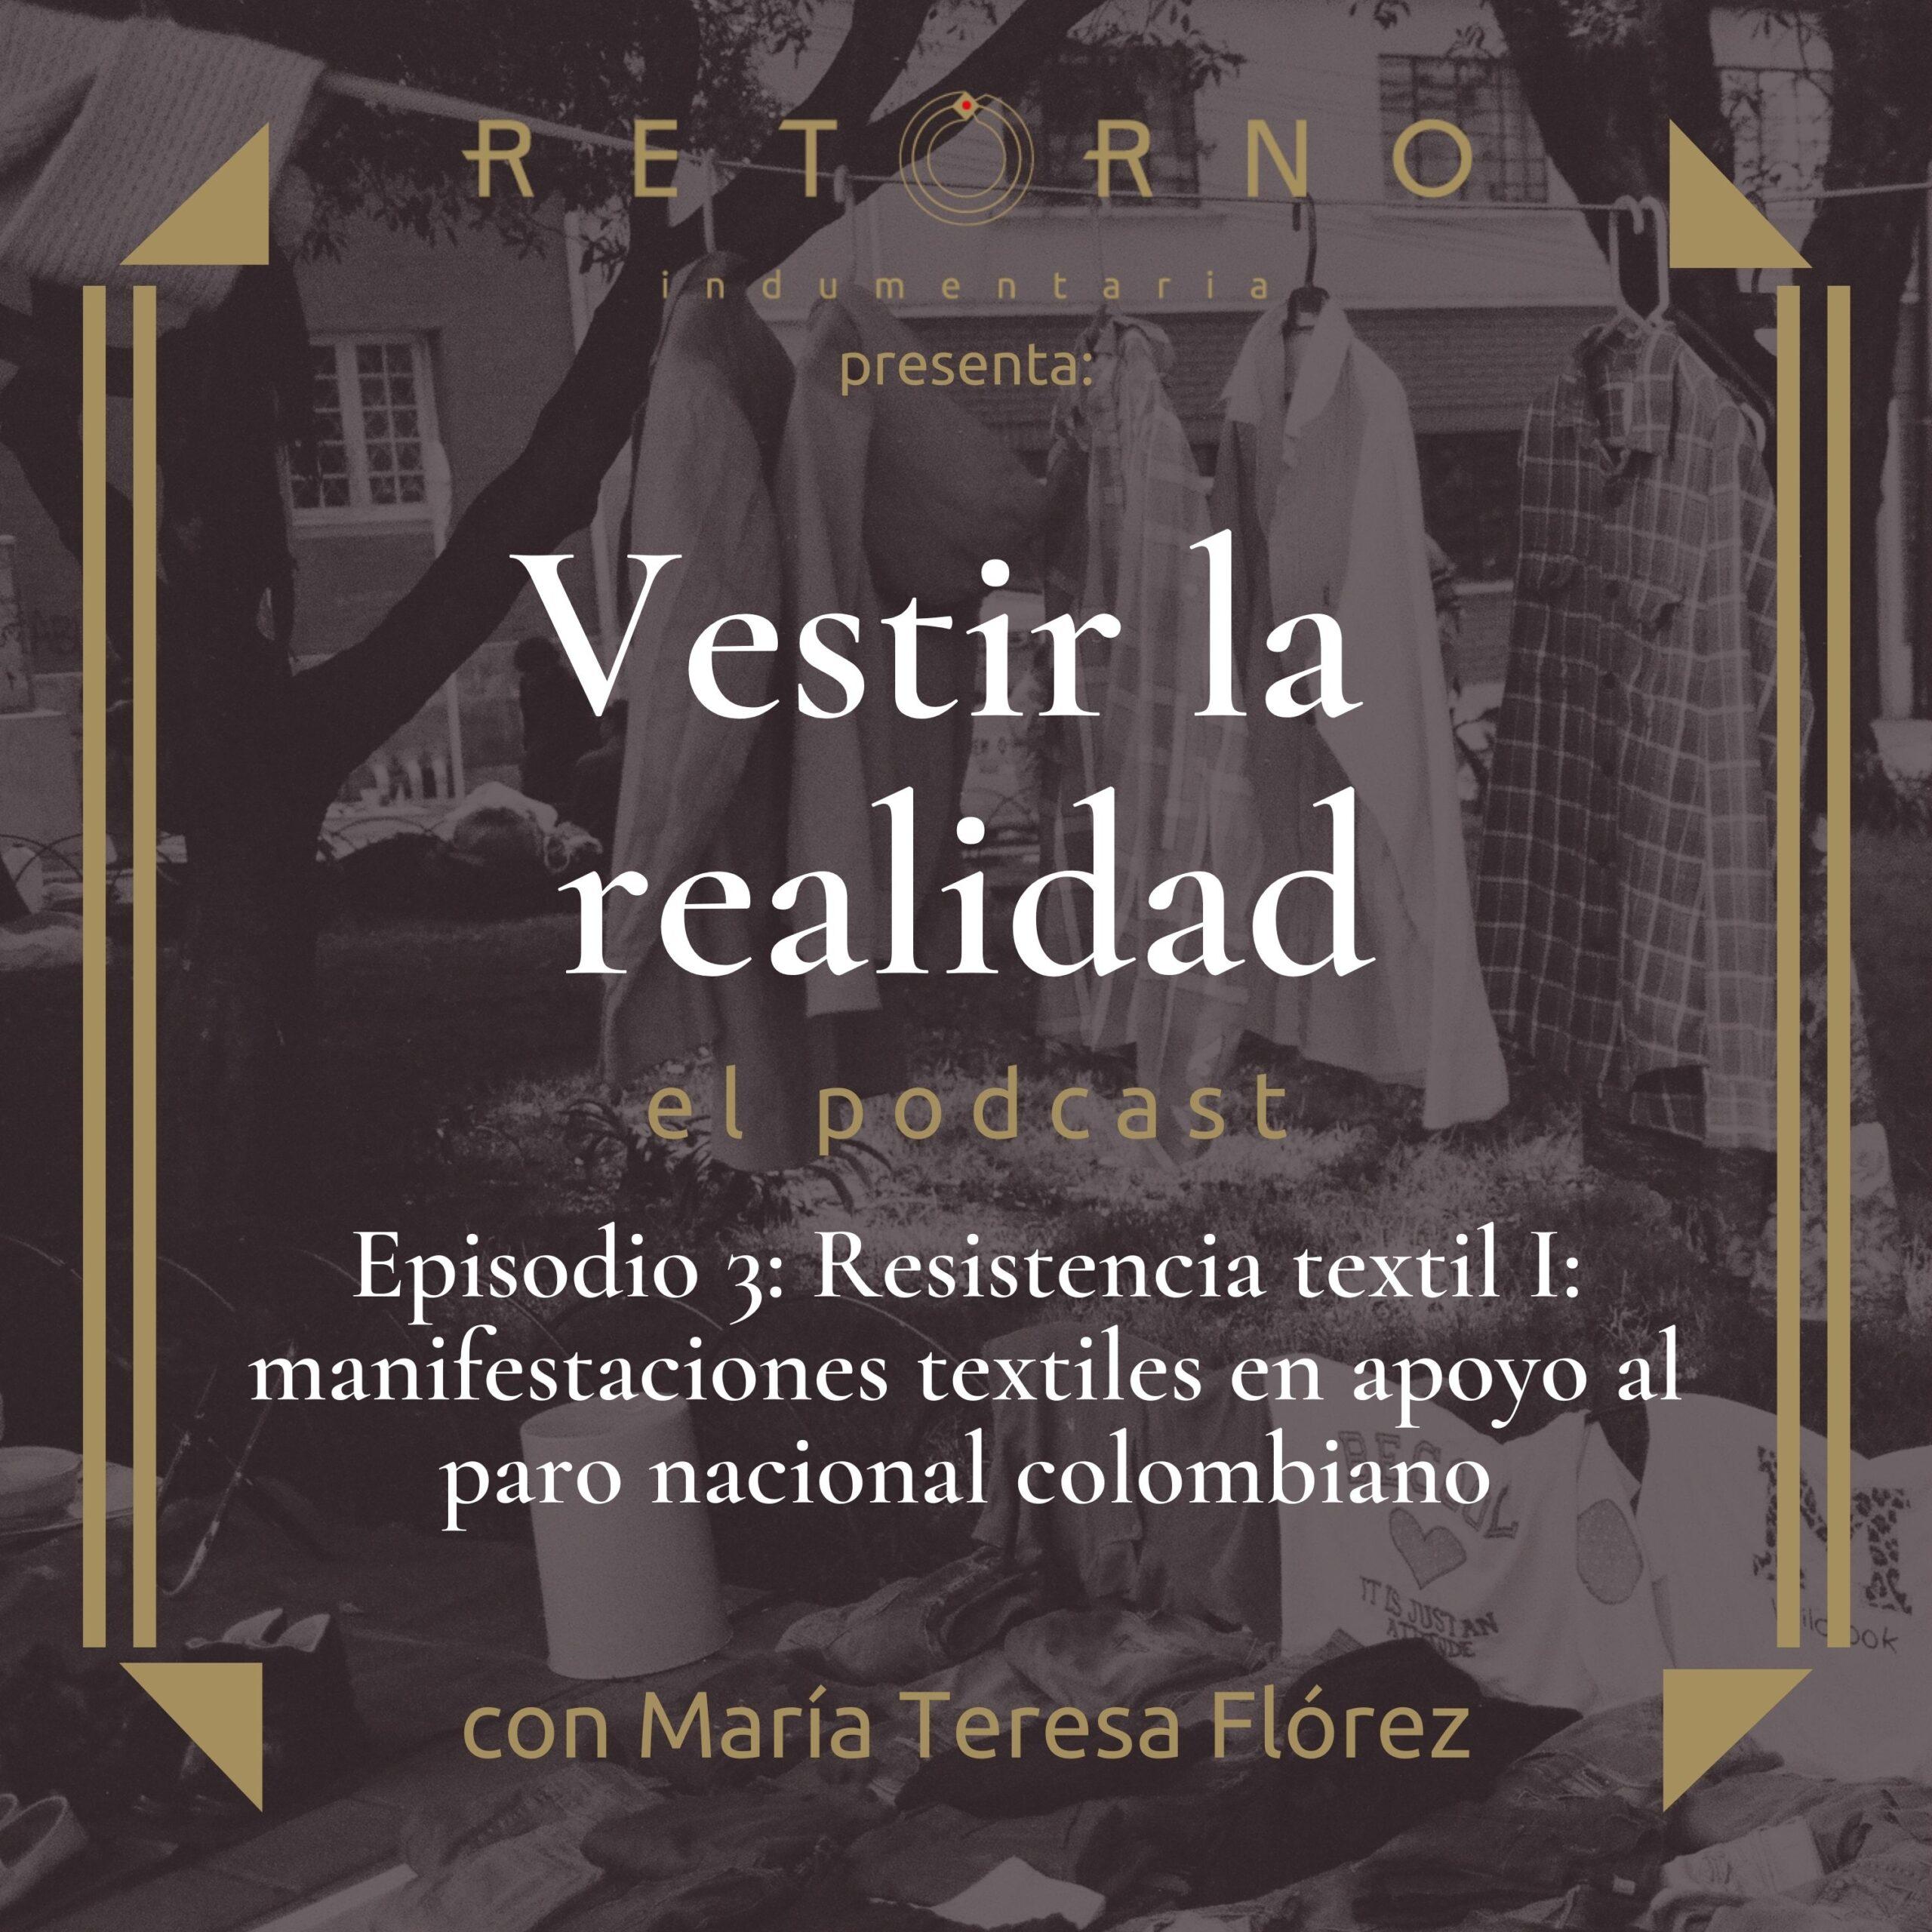 Episodio 3: Resistencia textil I: manifestaciones textiles en apoyo al paro nacional colombiano